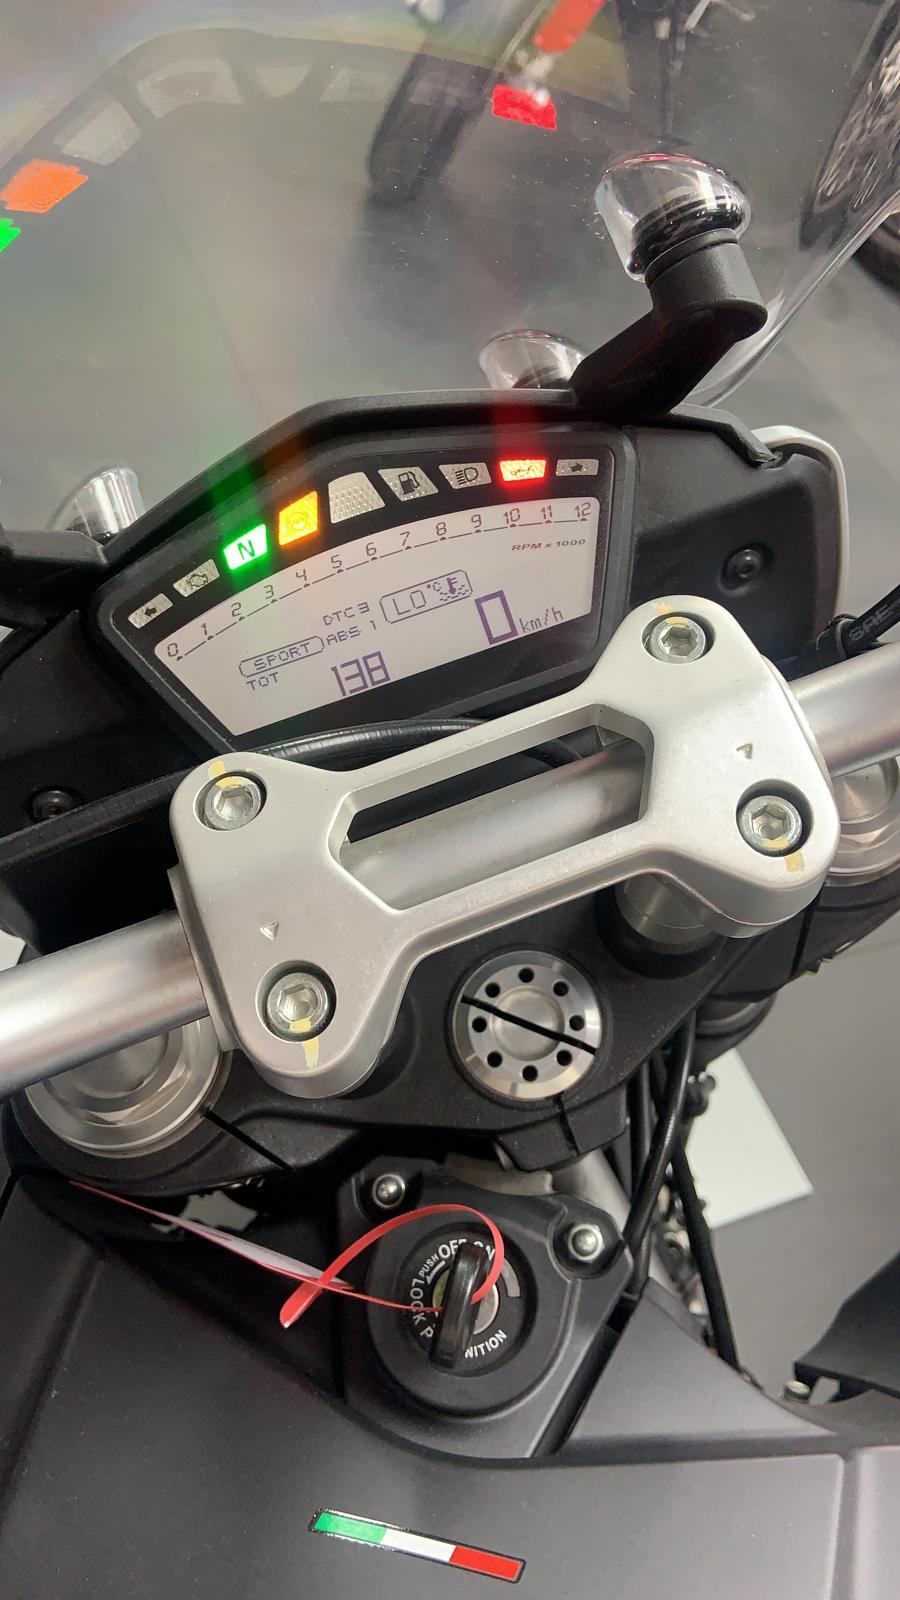 【好運車行有限公司】 DUCATI HYPERSTRADA 二手車 2014年 - 「Webike摩托車市」